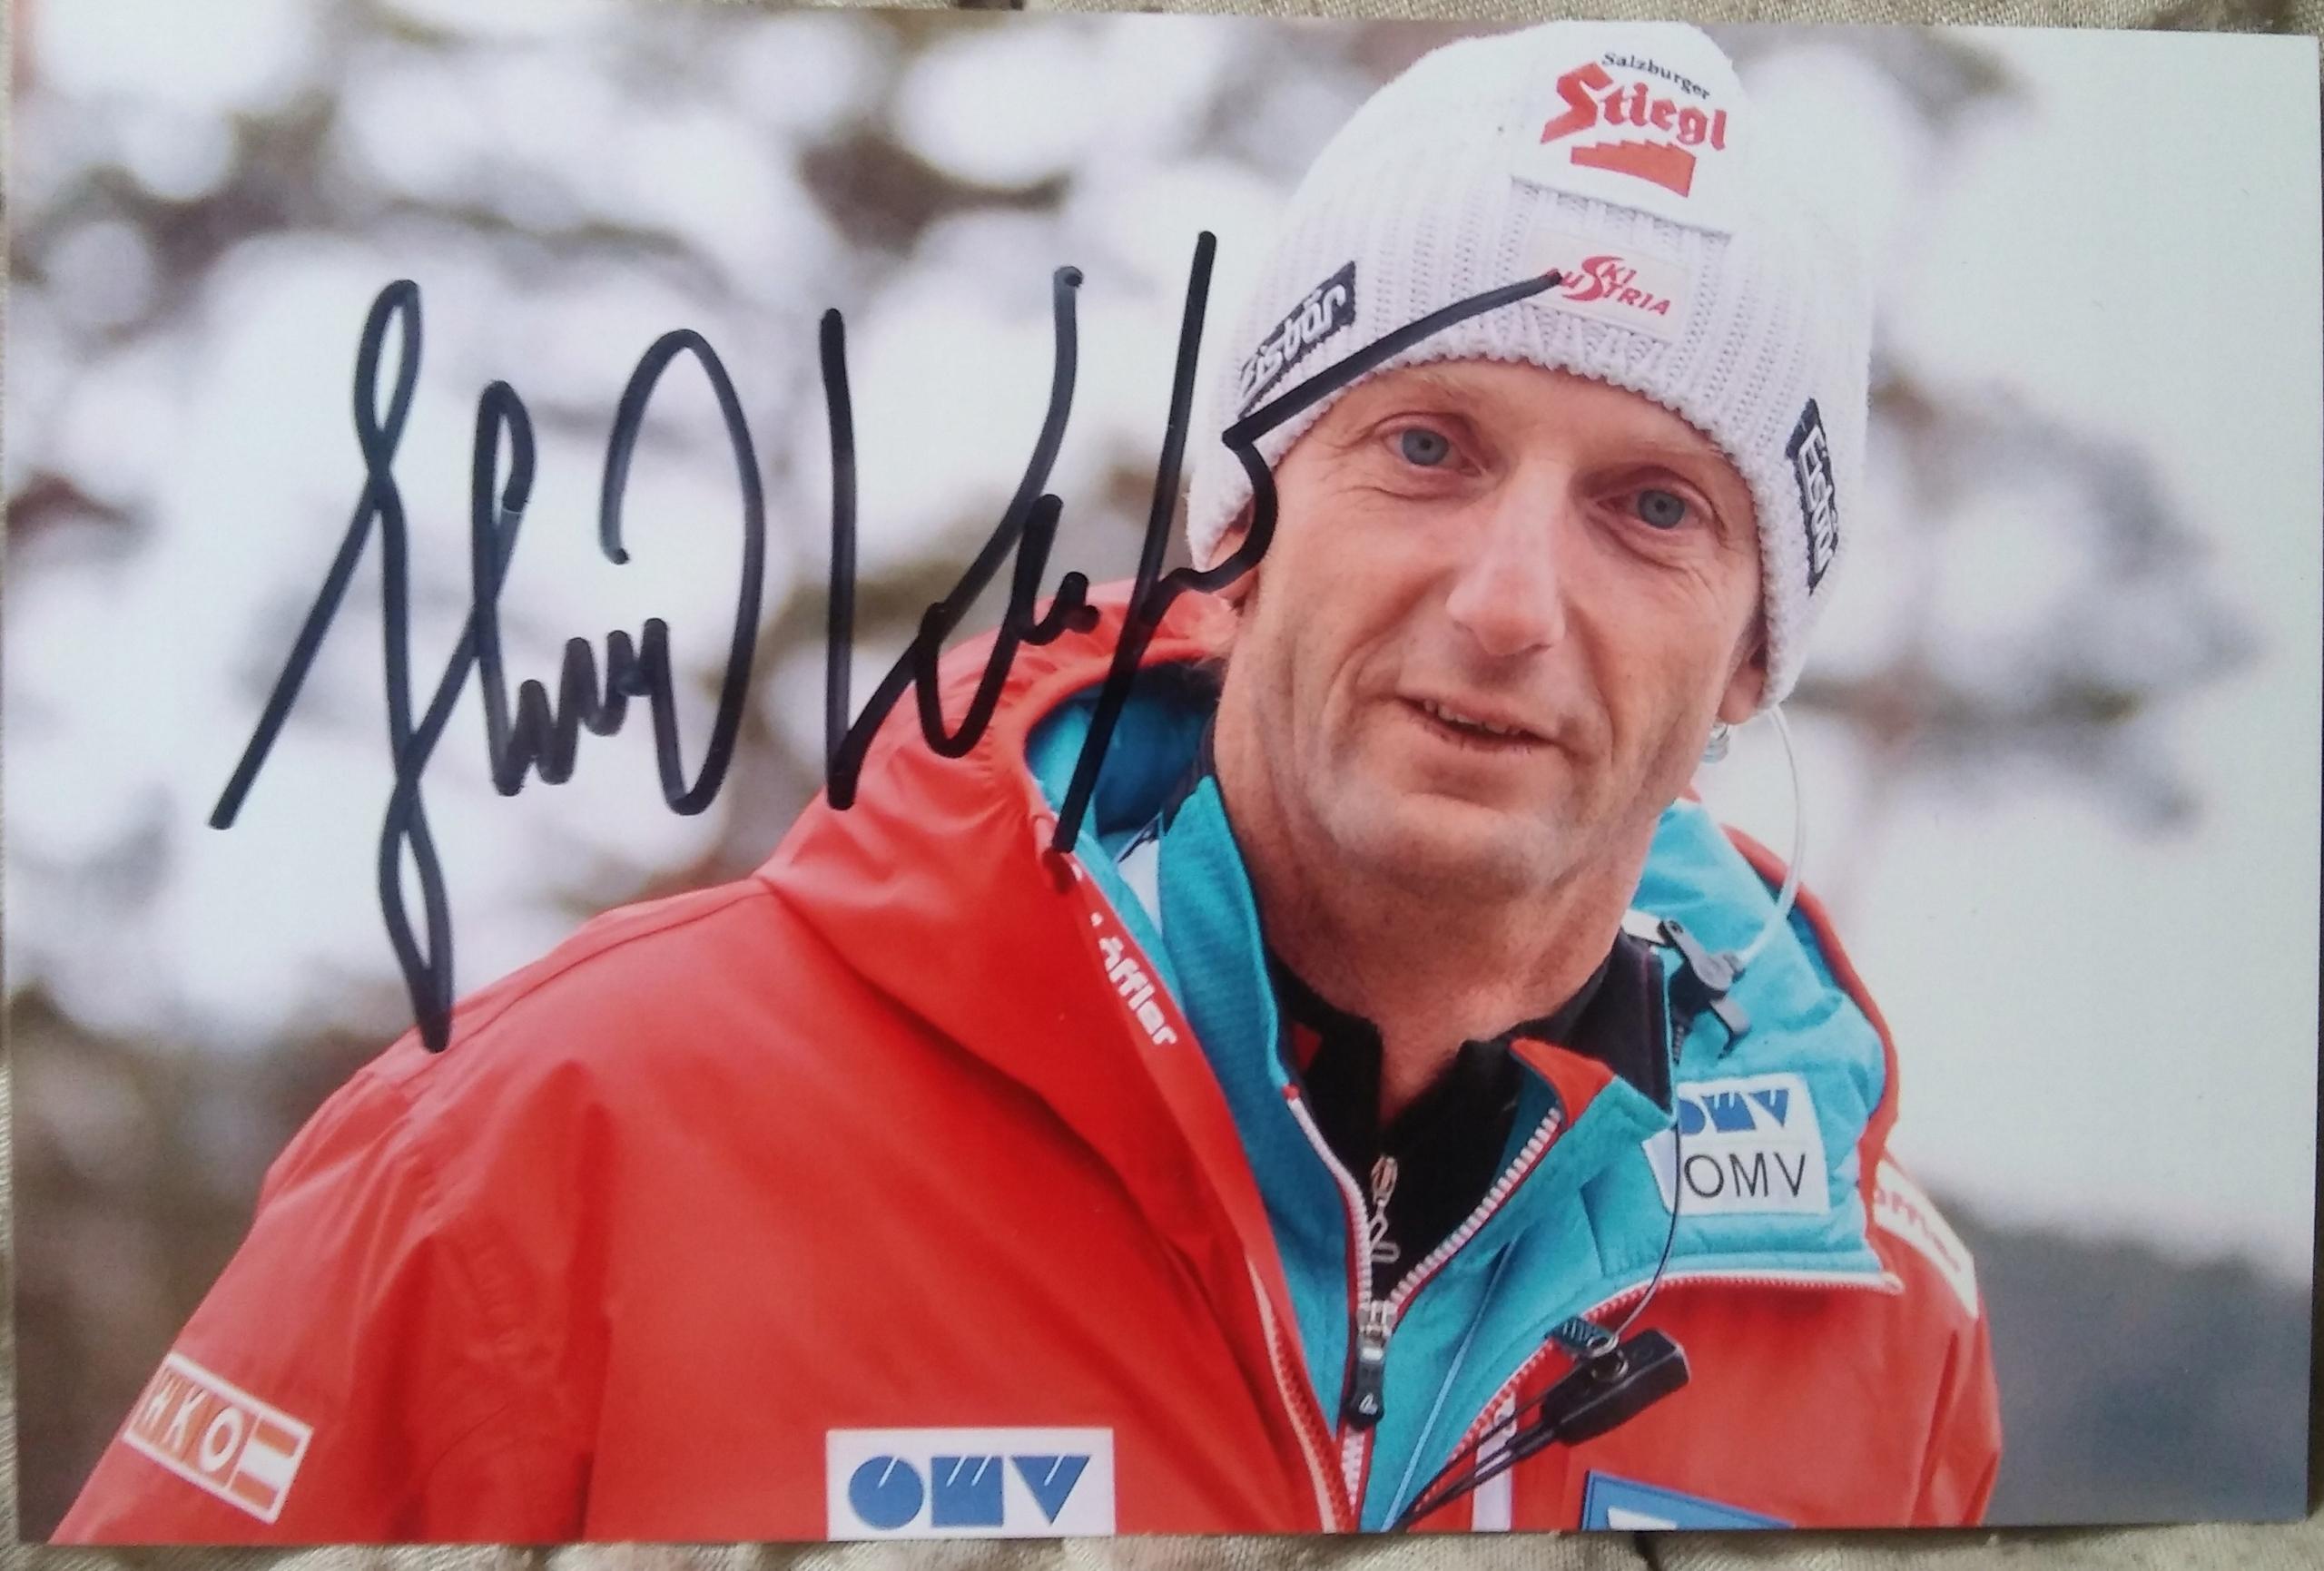 HEINZ KUTTIN - zdjęcie z autografem